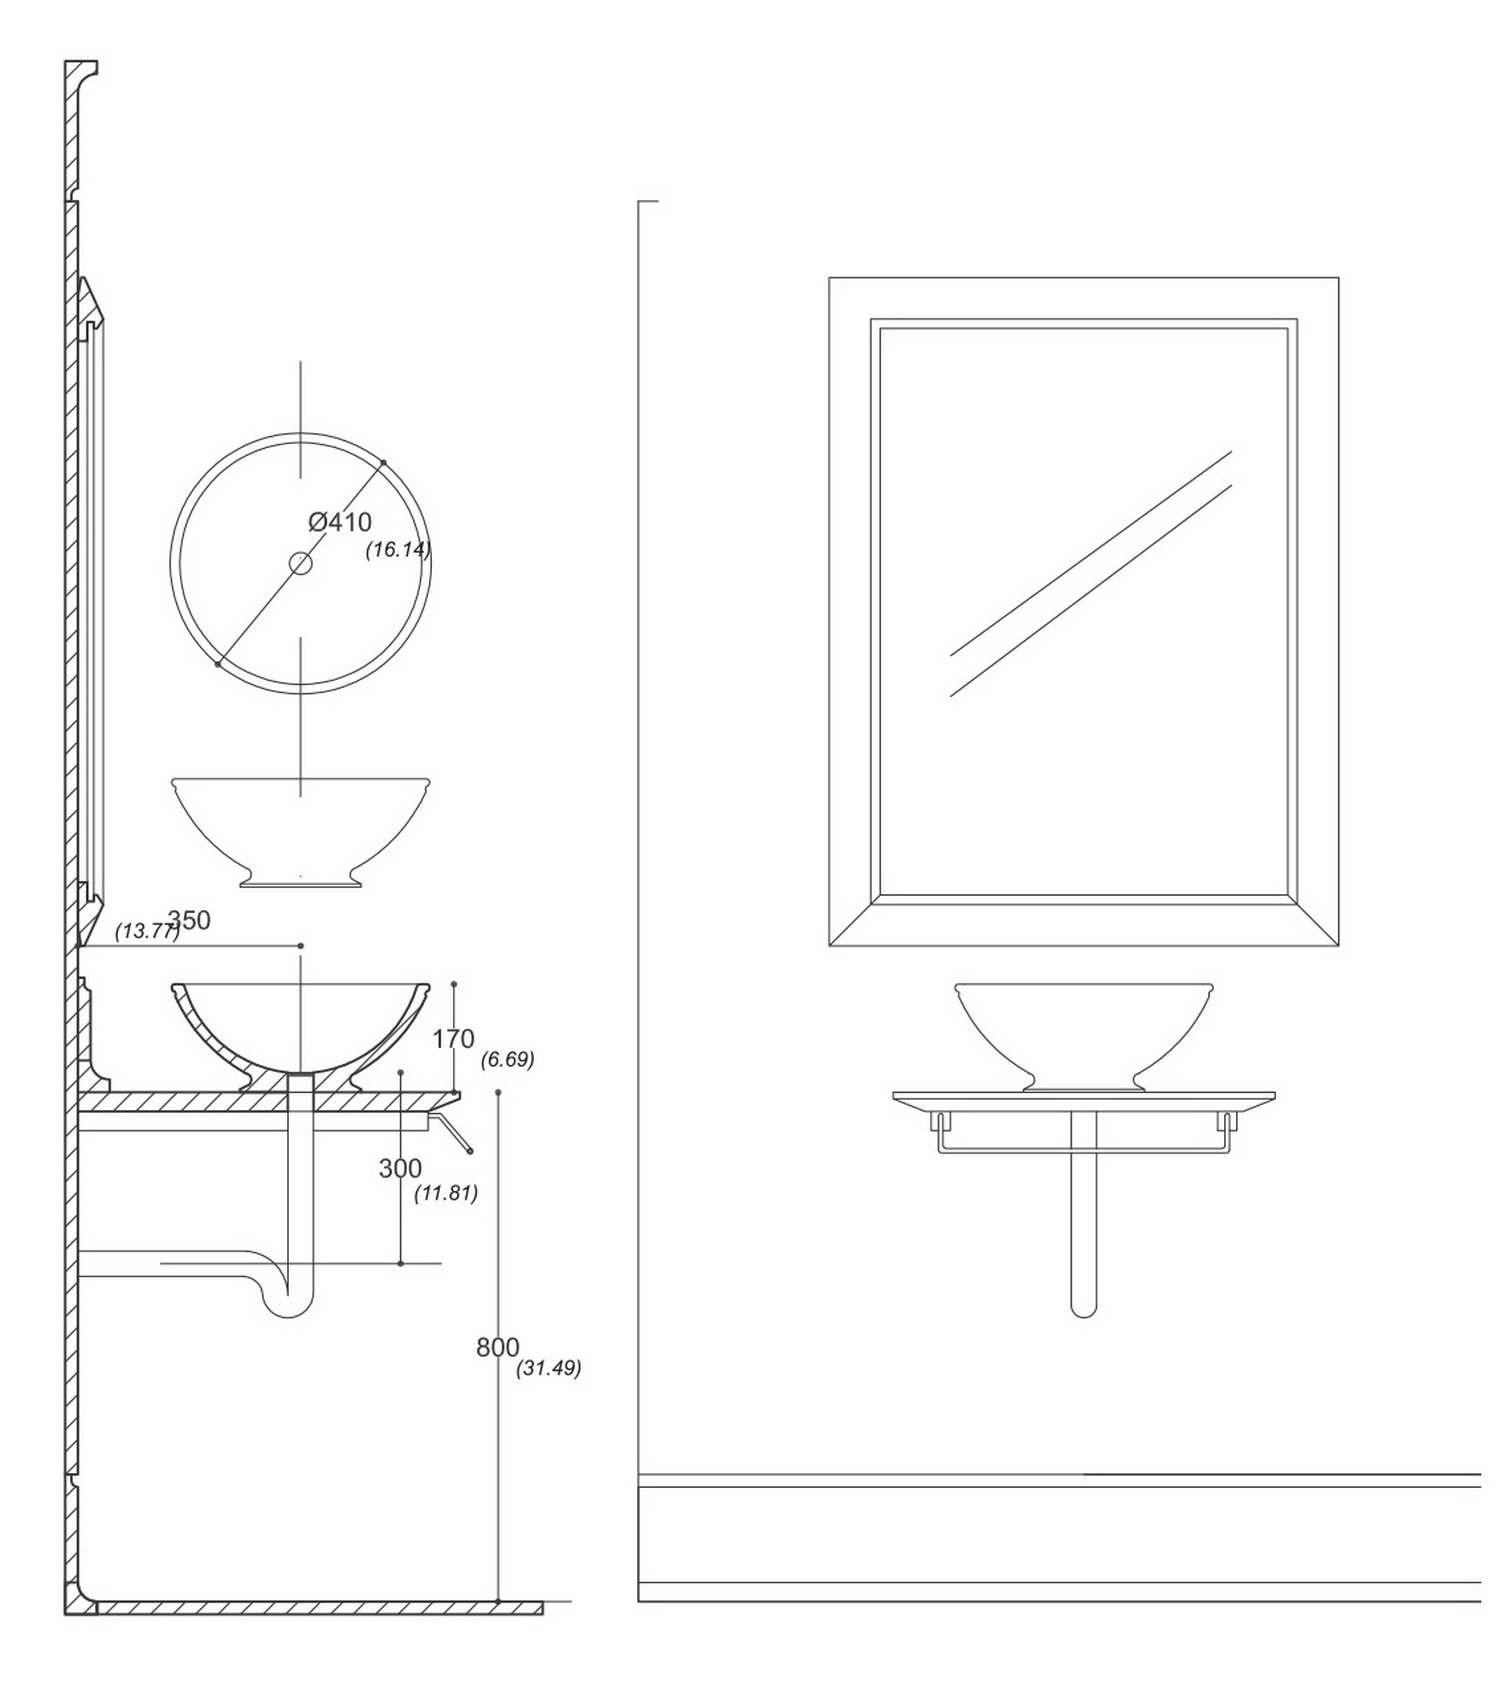 Arredo Bagno_Lavabo Agrippa_Disegno tecnico